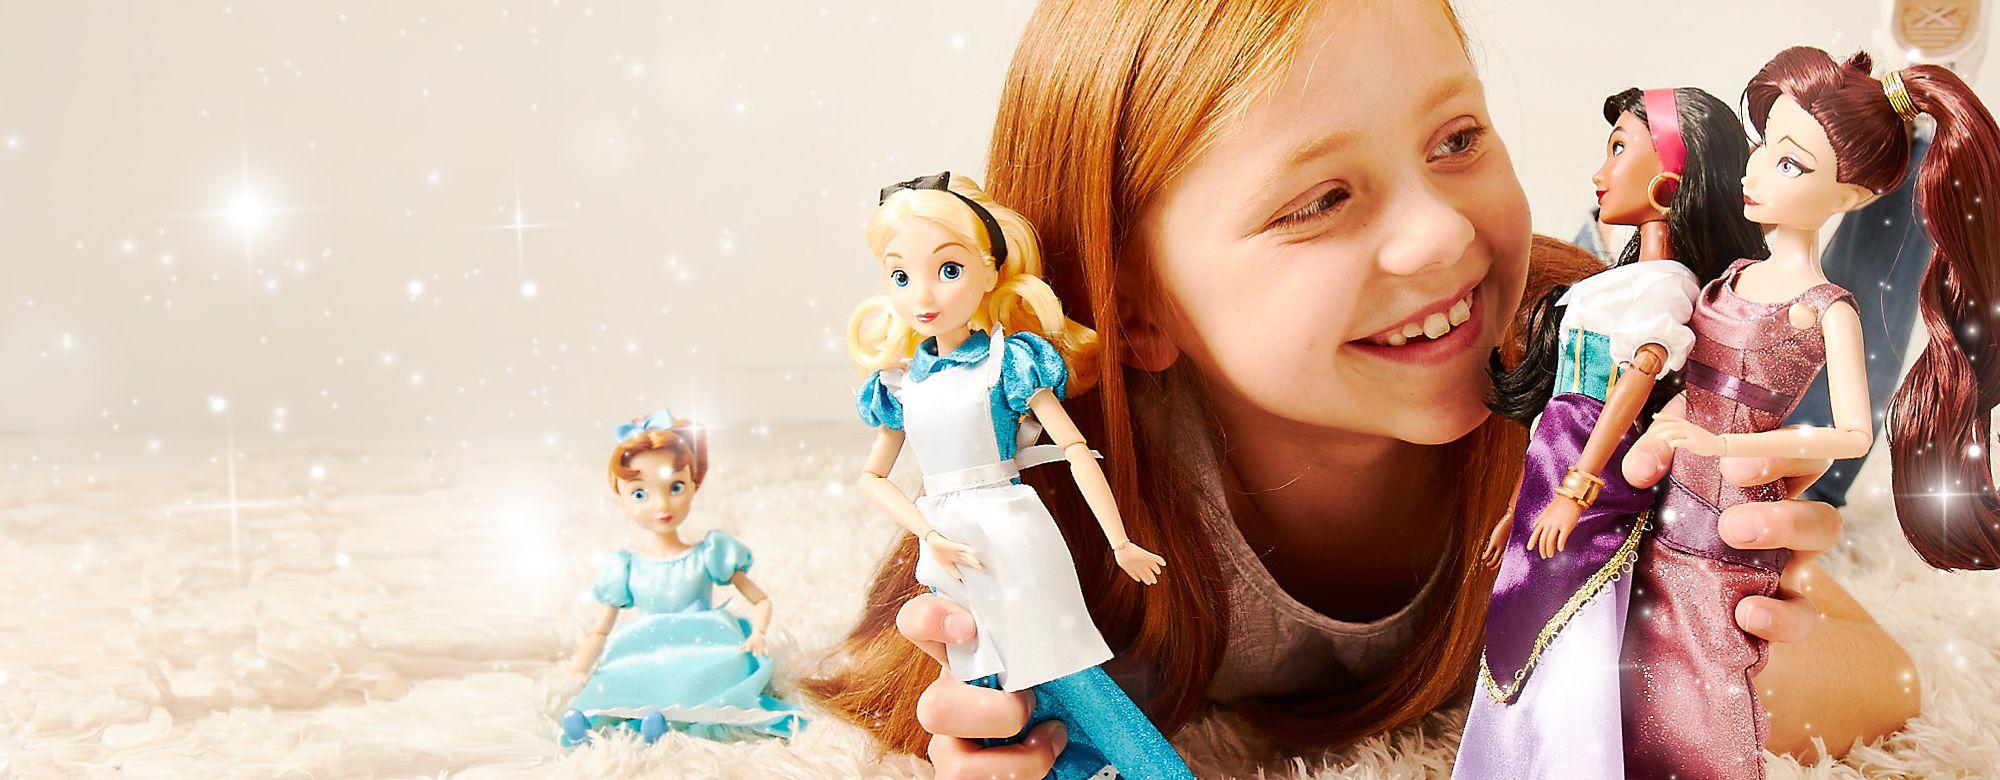 Nouvelles poupées classiques De nouvelles amies viennent jouer : Mégara, Clochette, Alice, Esmeralda et Wendy VOIR LA COLLECTION